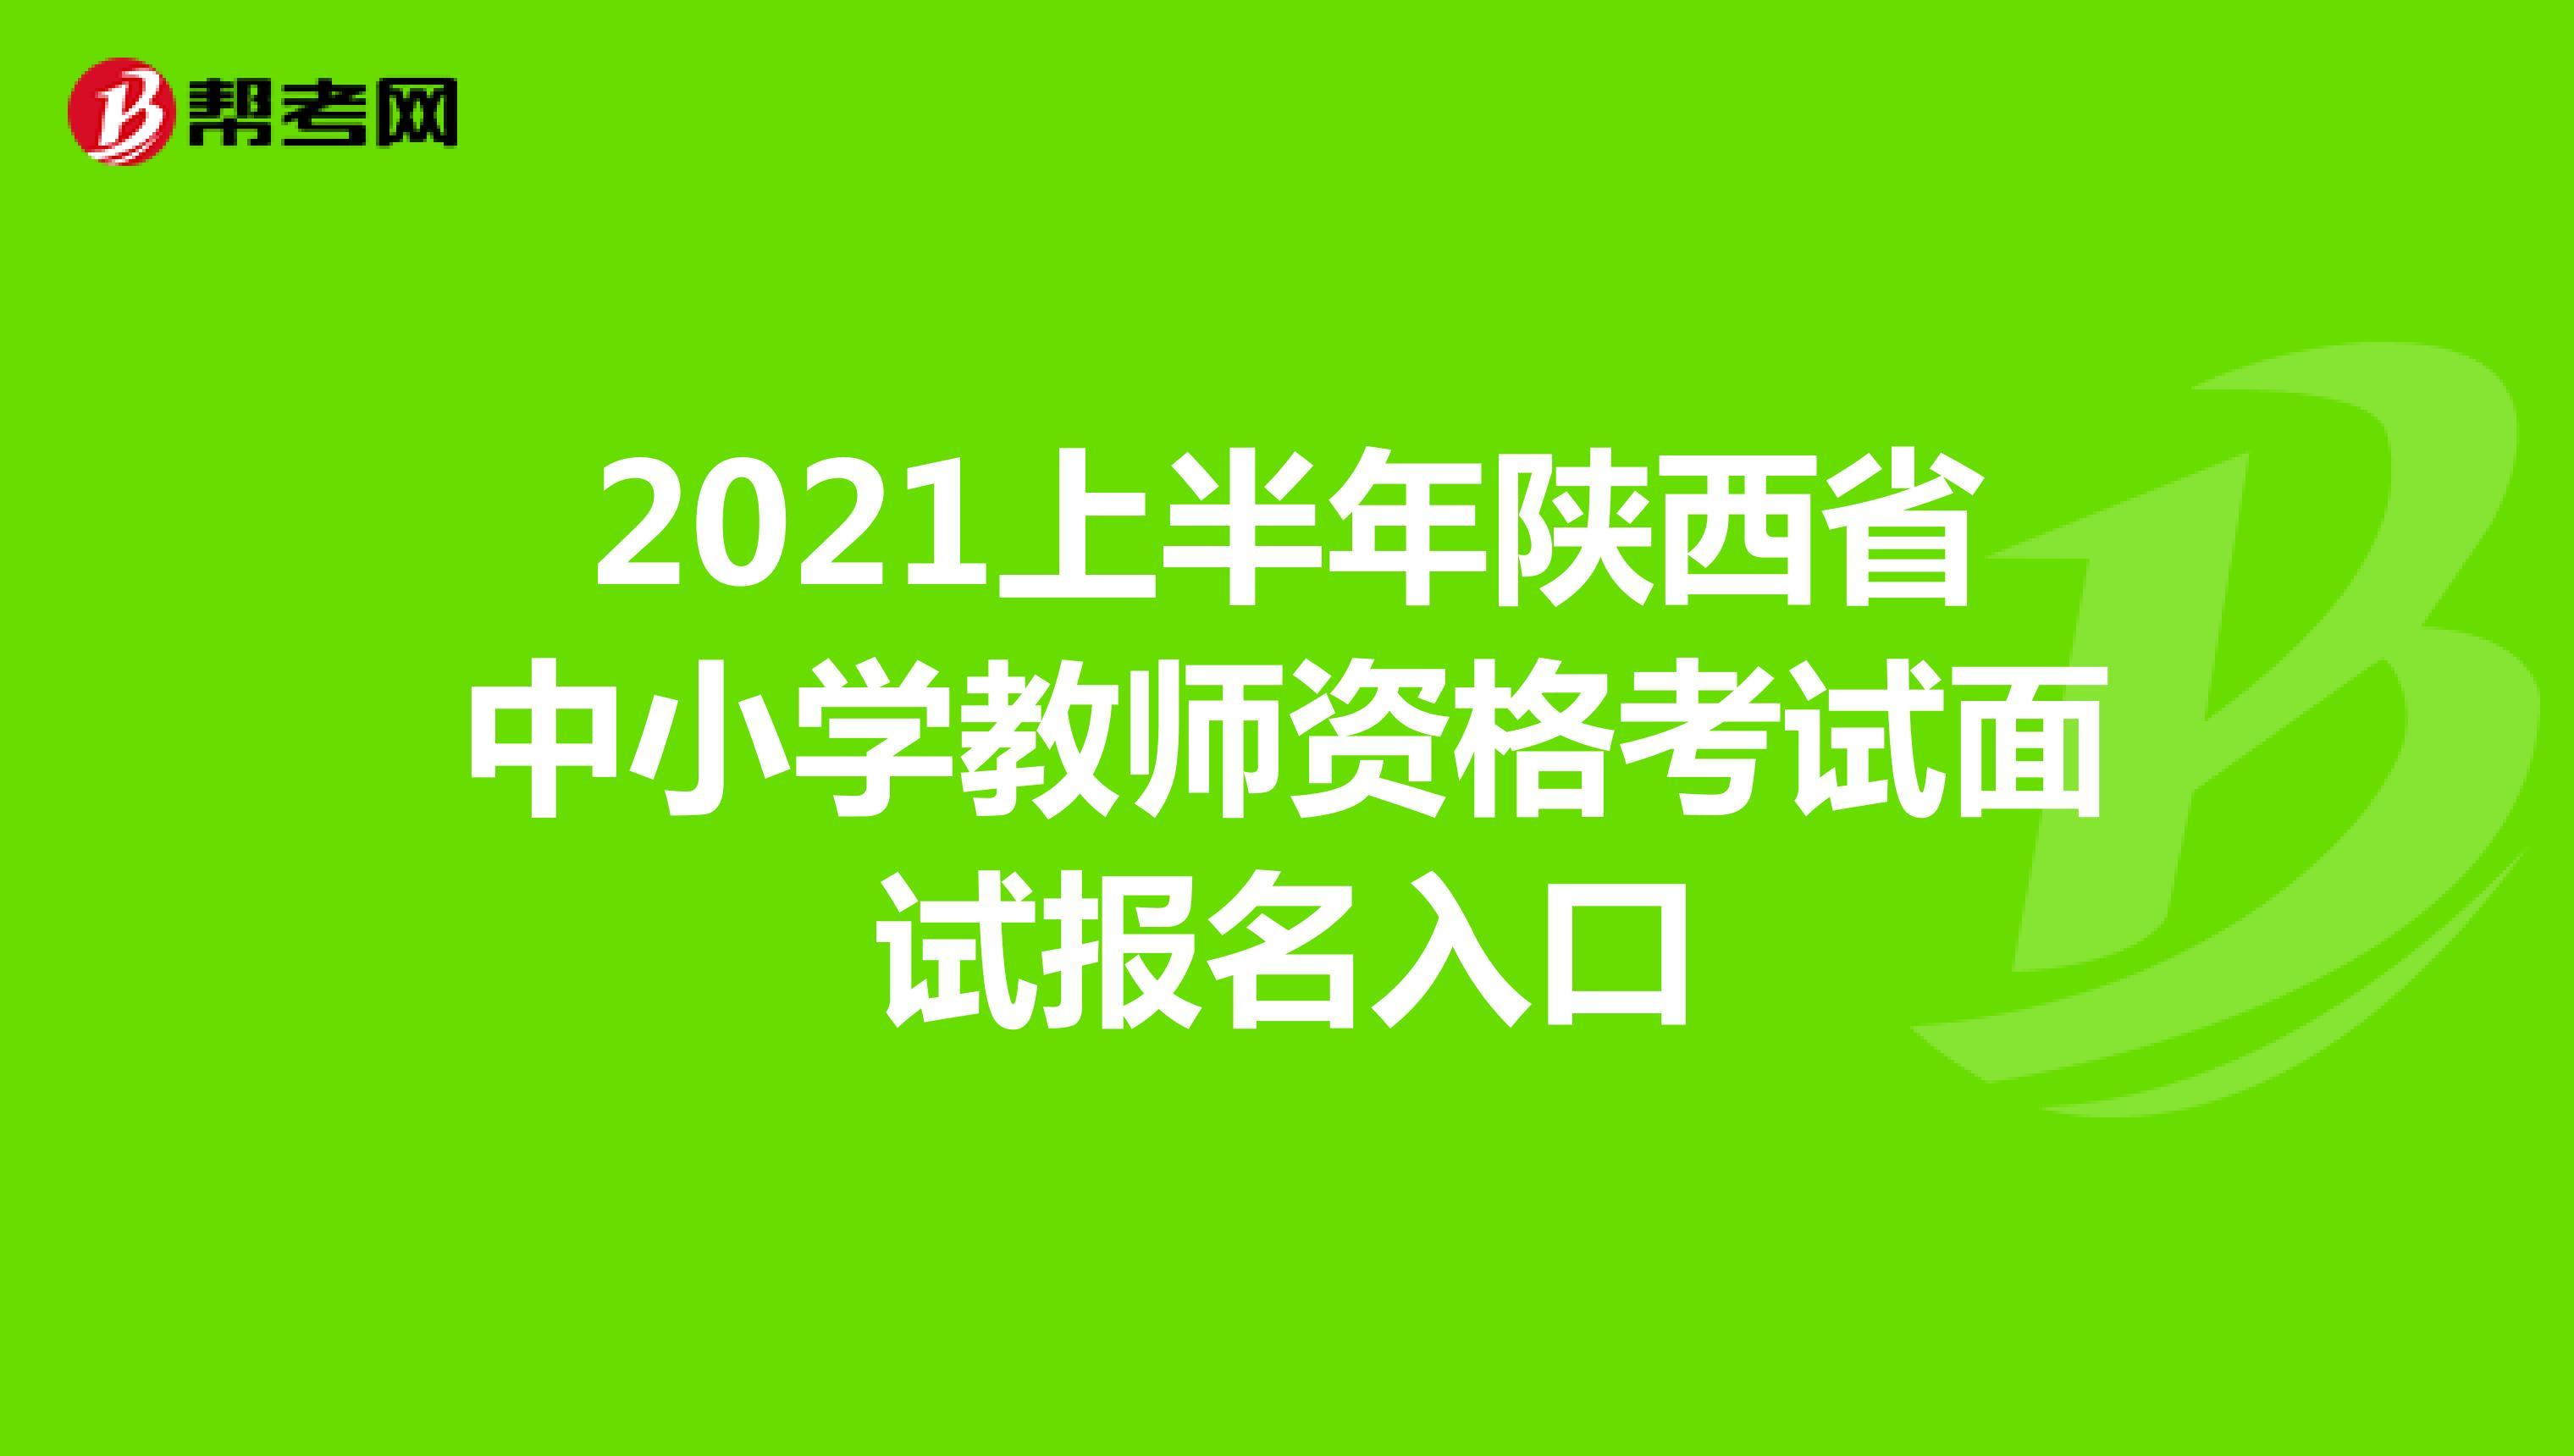 2021上半年陕西省中小学教师资格考试面试报名入口